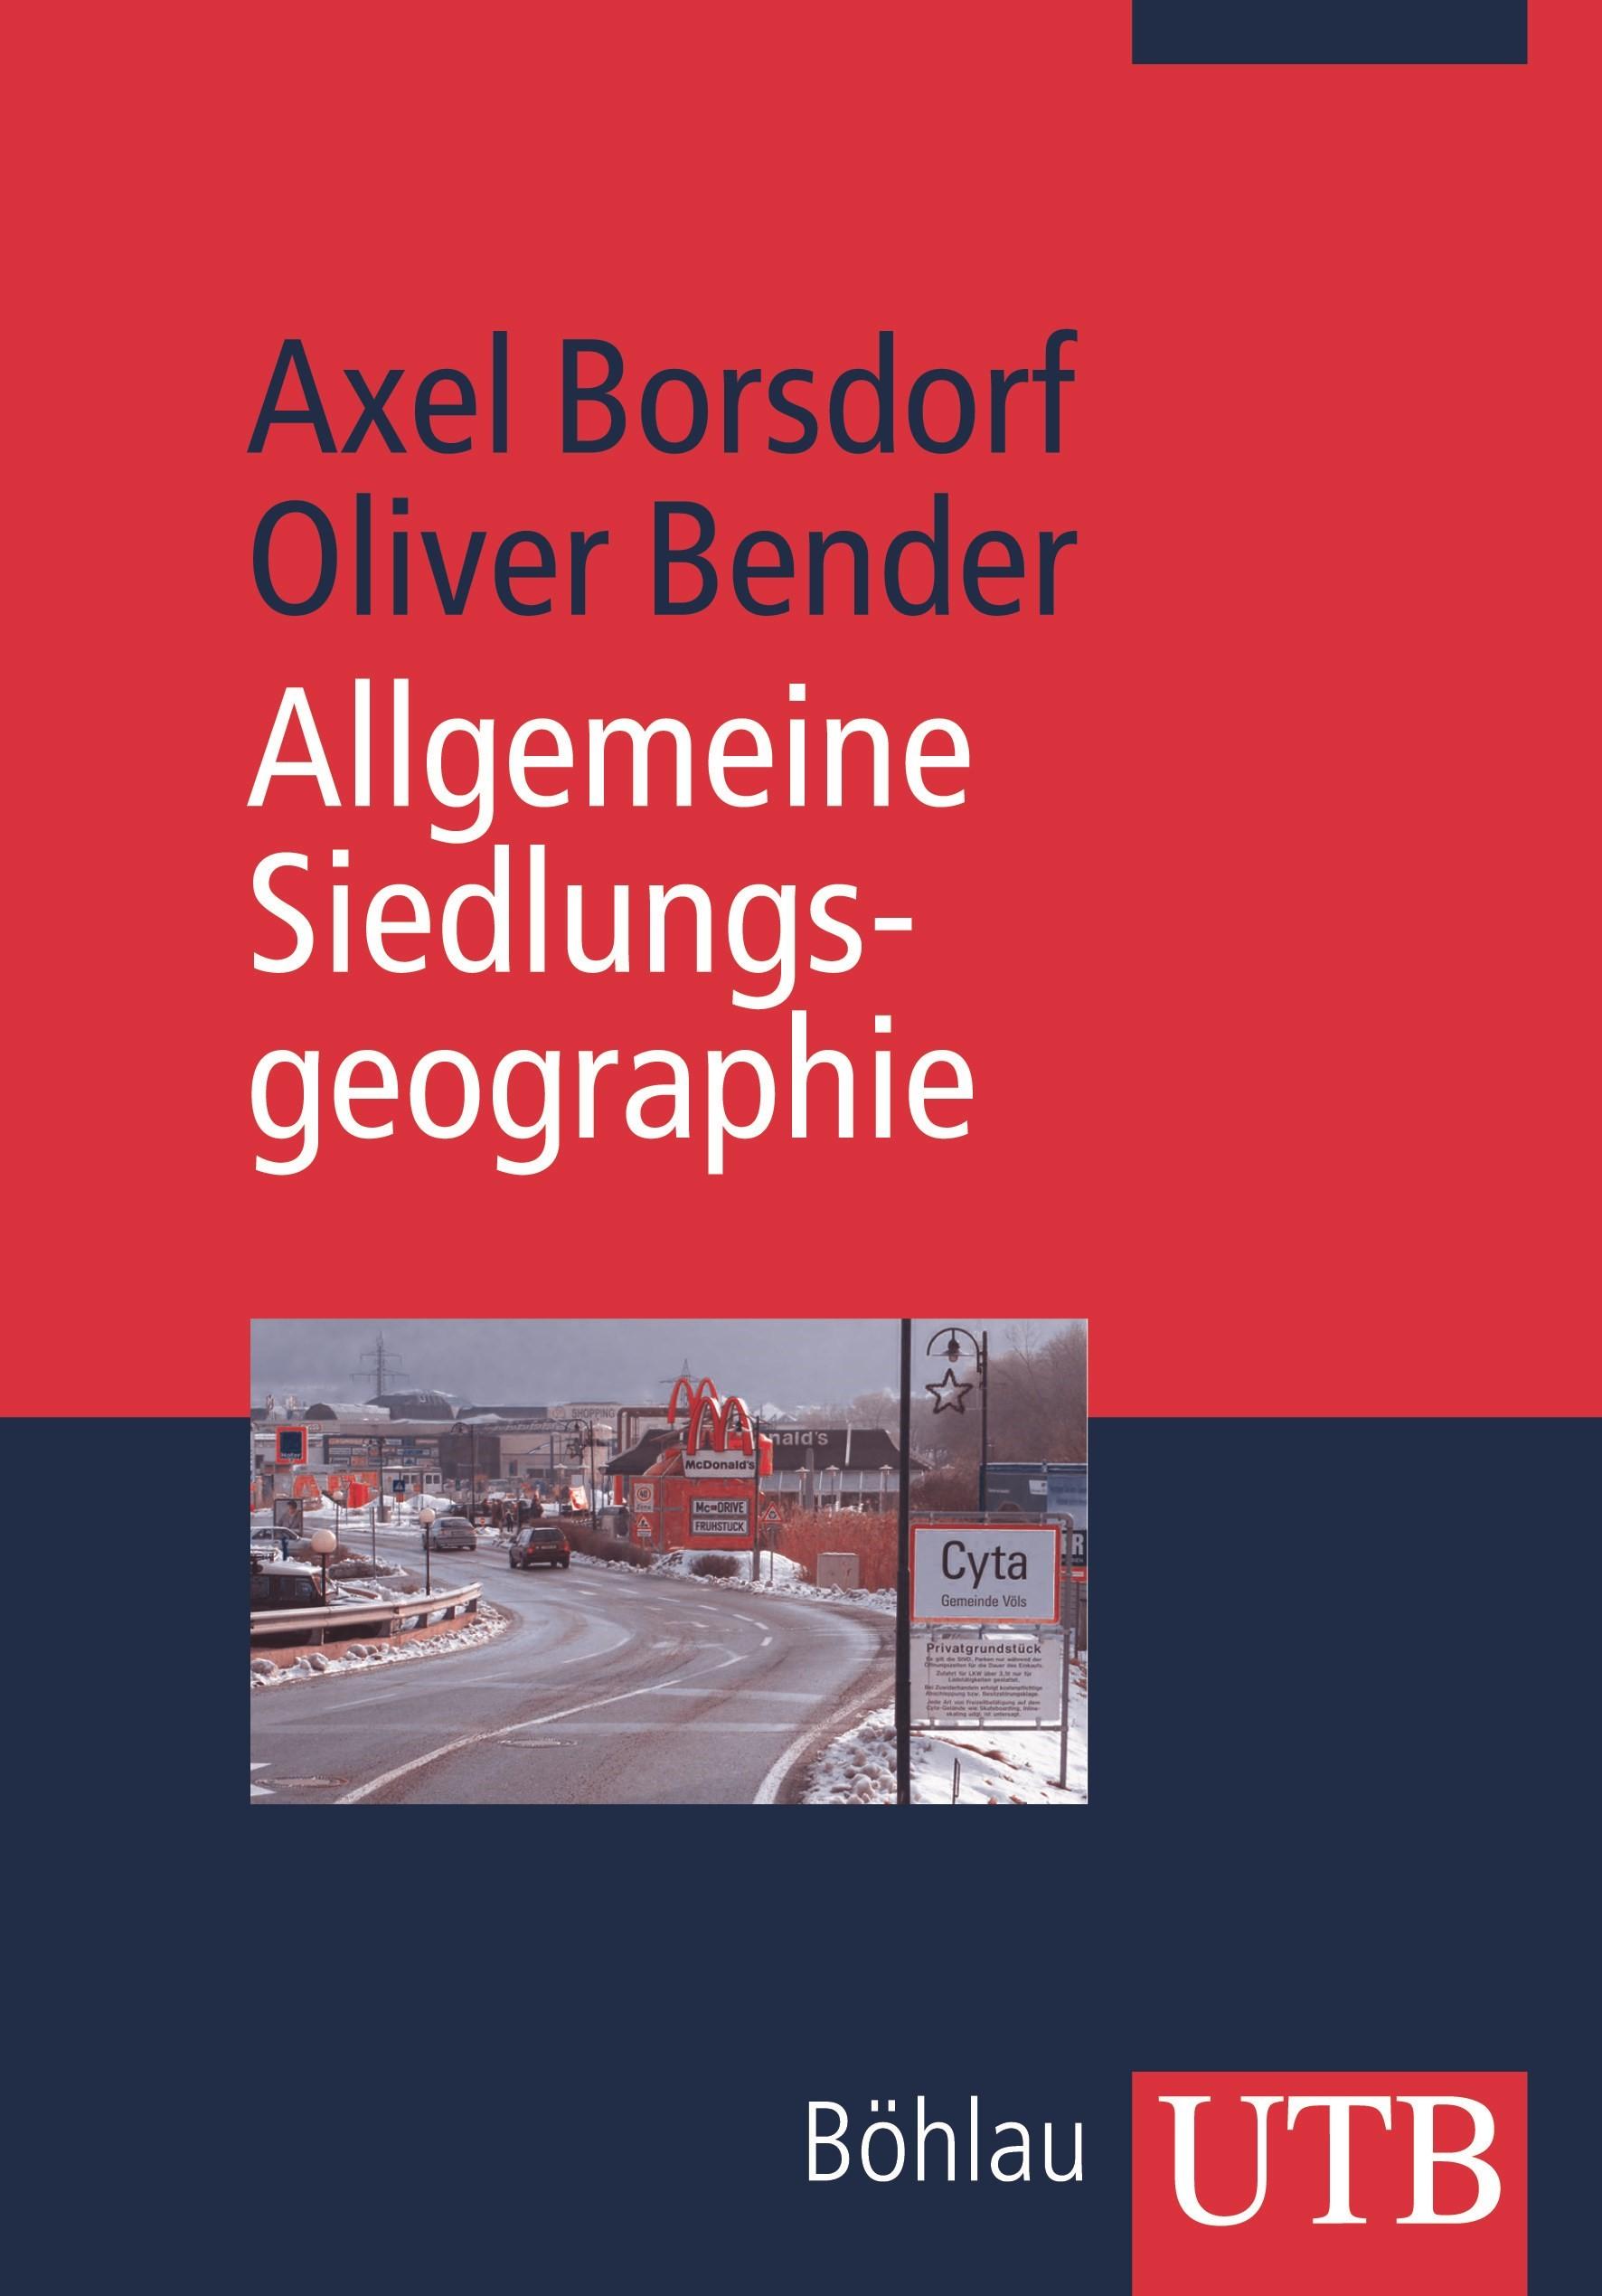 Allgemeine Siedlungsgeographie | Borsdorf / Bender, 2010 | Buch (Cover)